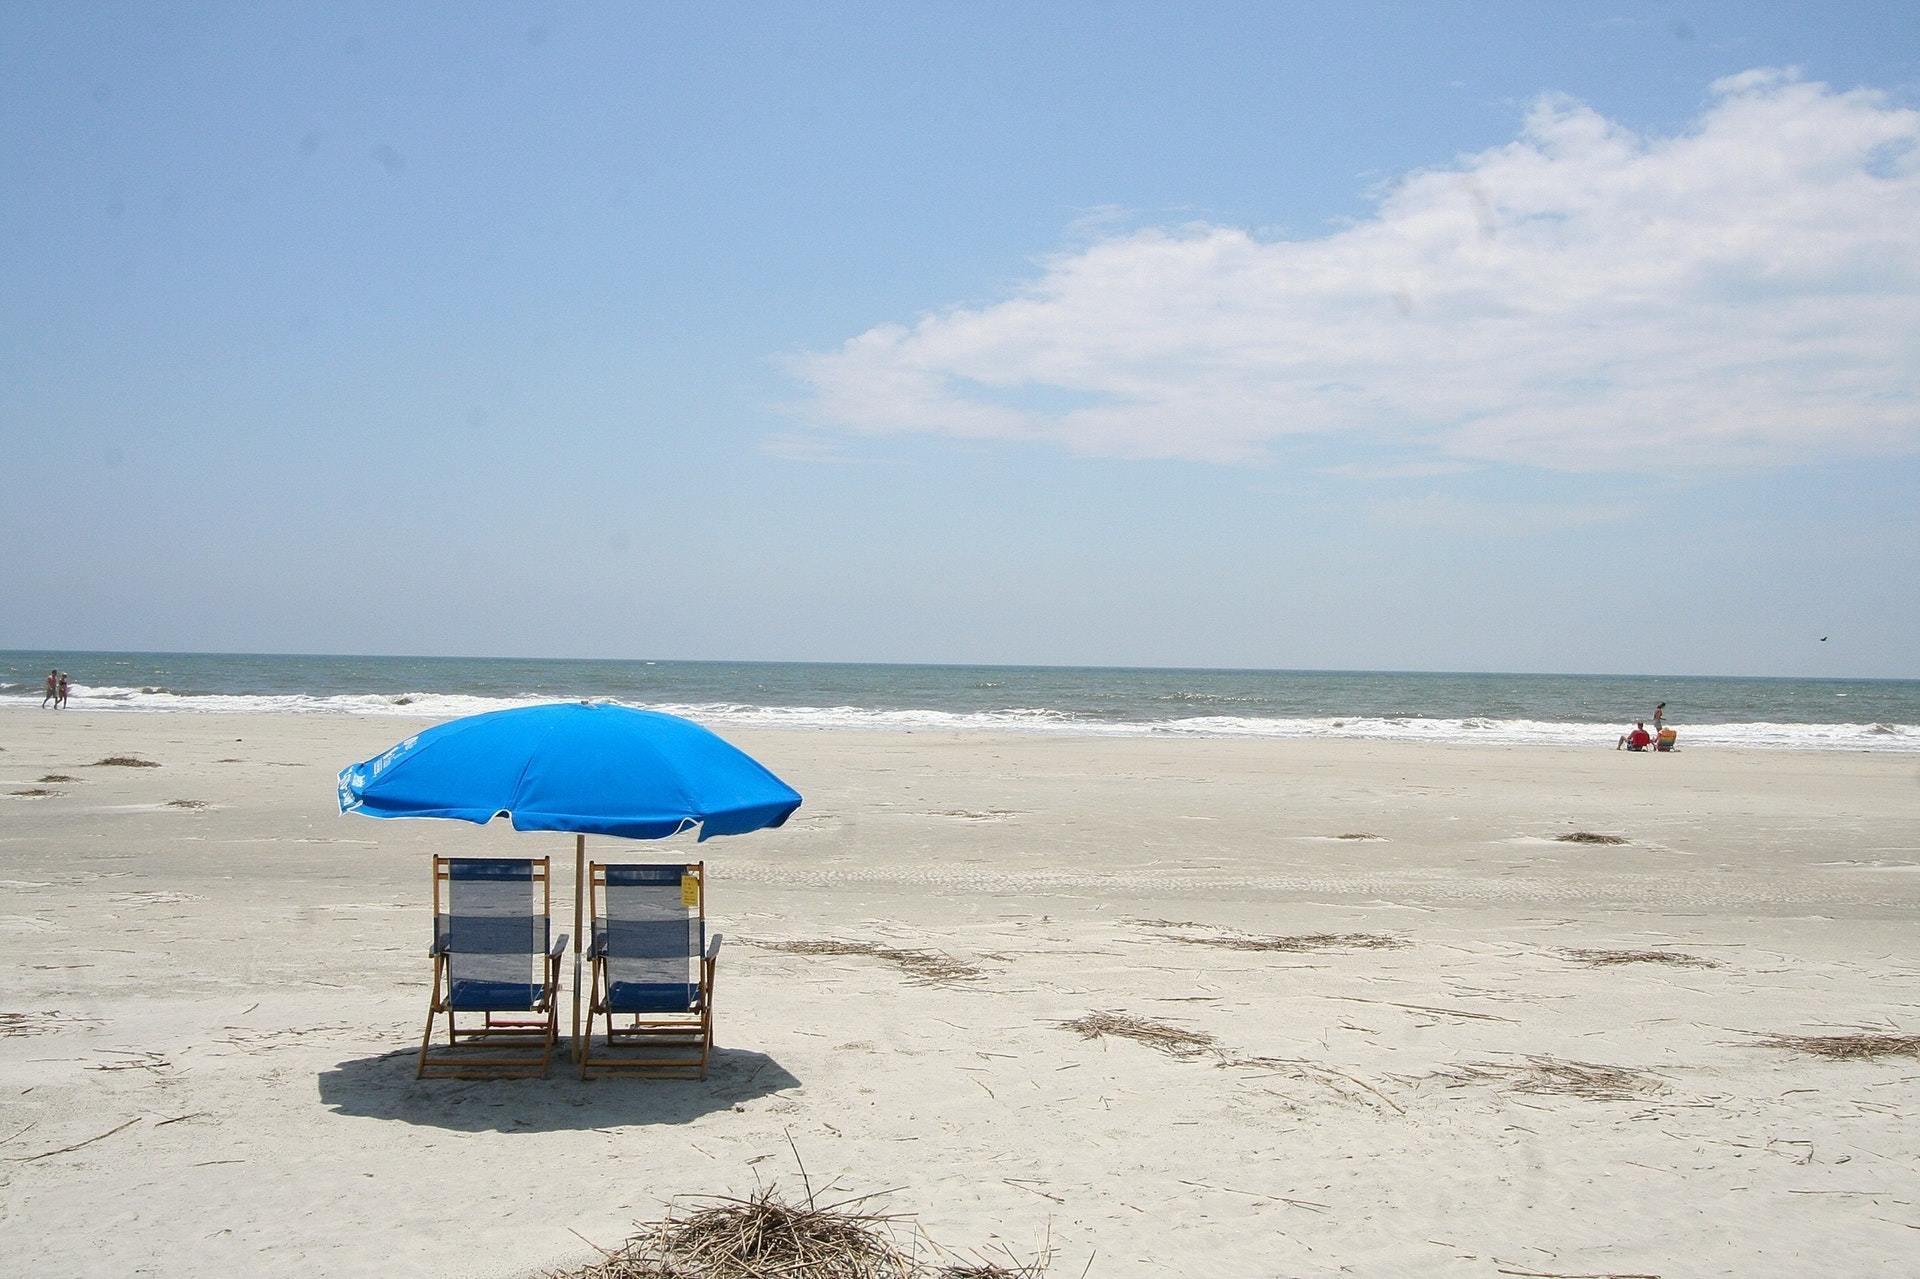 Beach Club Villas Homes For Sale - 34 Beach Club Villas, Isle of Palms, SC - 10